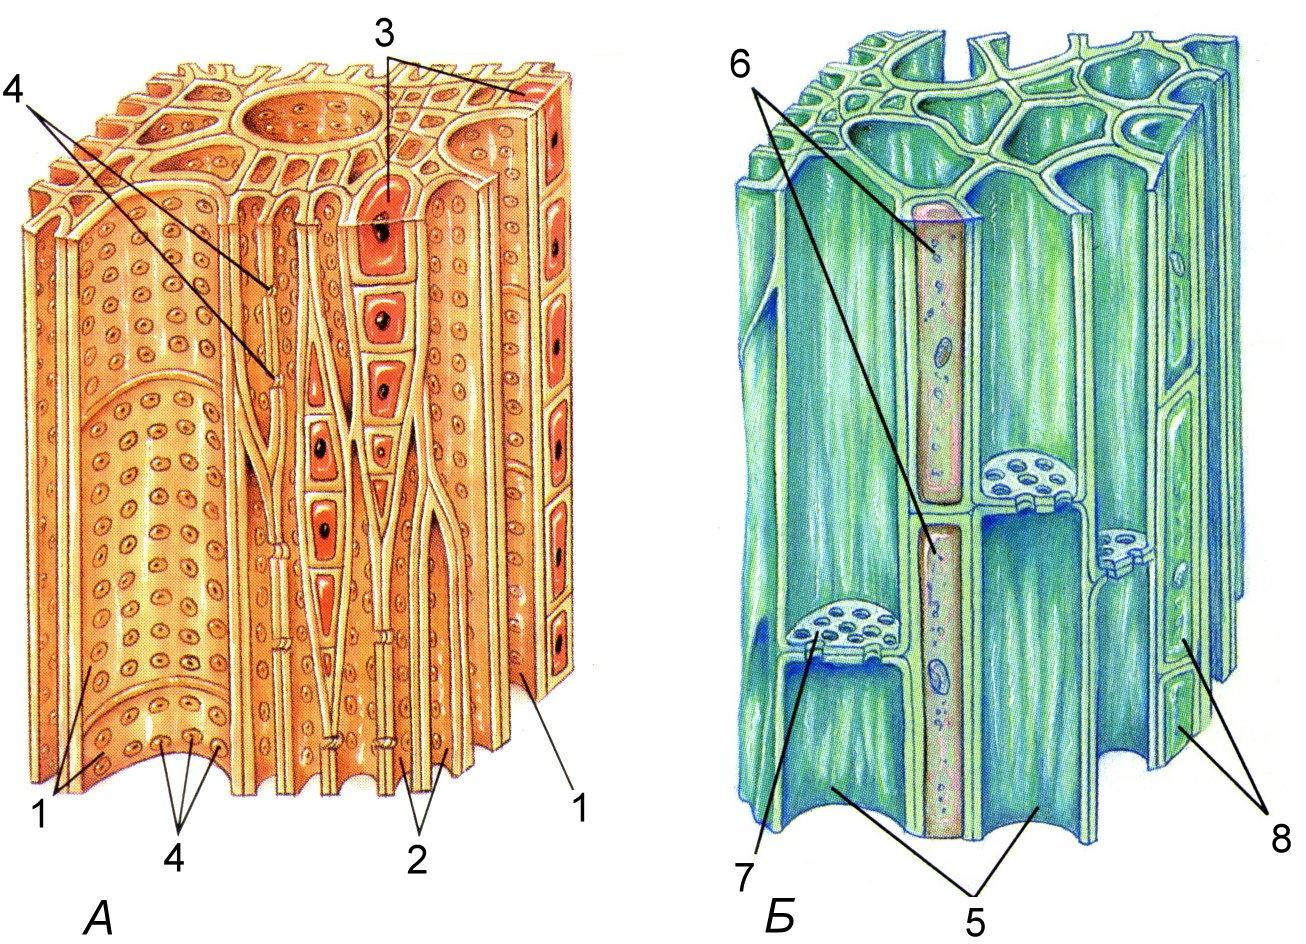 Рисунок: Проводящие ткани. А – ксилема; Б – флоэма. 1 – сосуды ксилемы; 2 – трахеиды; 3 – клетки древесной паренхимы; 4 – поры; 5 - ситовидные трубки; 6 – клетки – спутницы; 7 – ситовидные поля; 8 – клетки лубяной паренхимы.